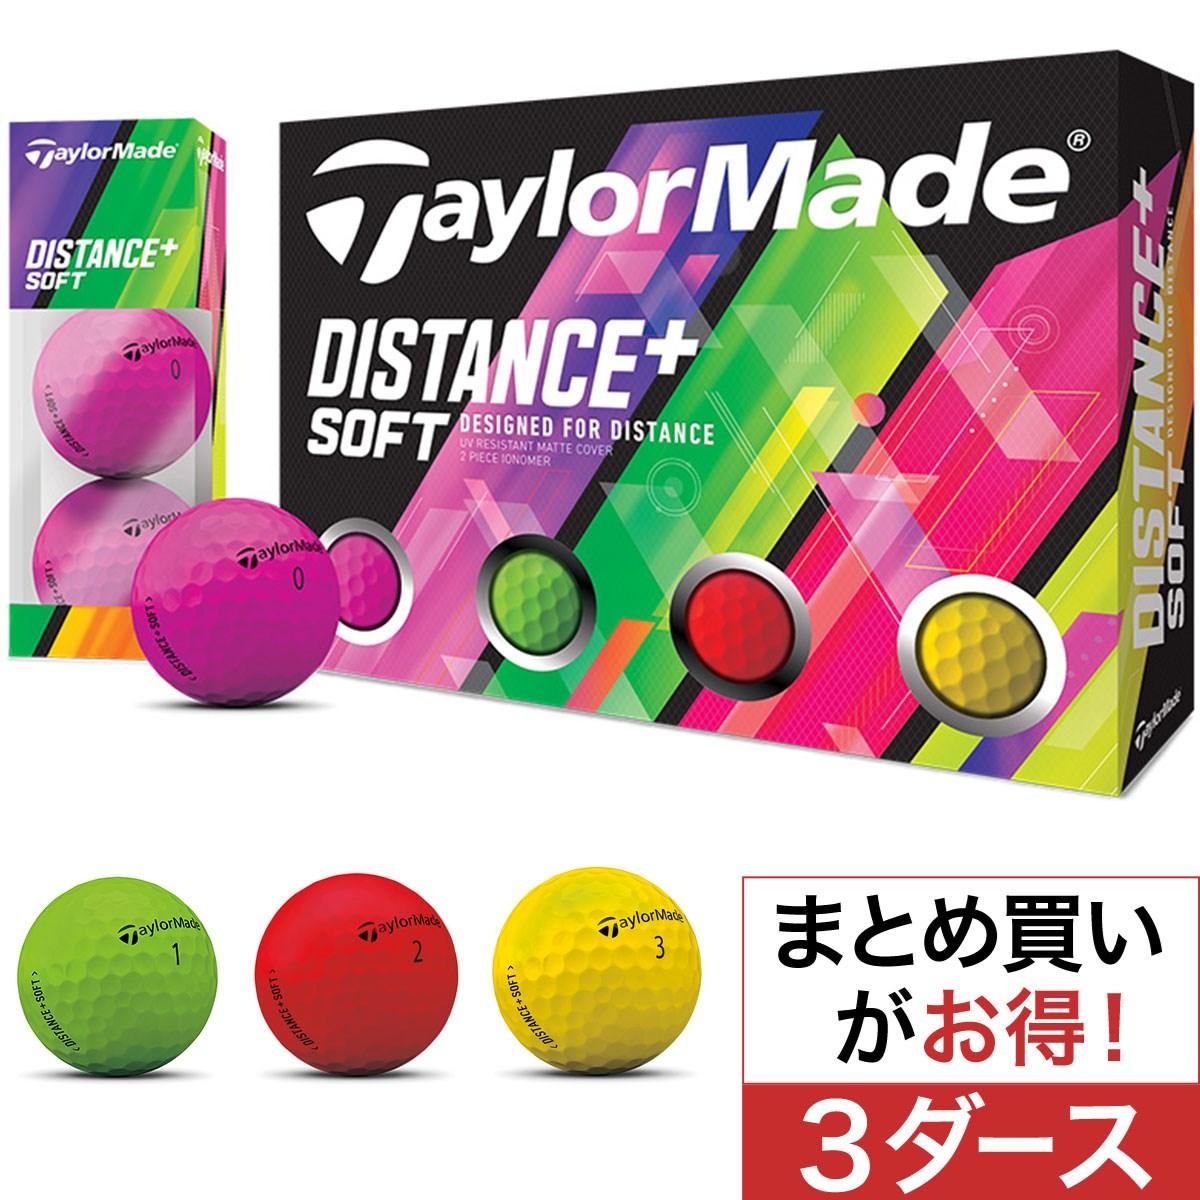 テーラーメイド(Taylor Made) Distance+ ソフト マルチカラーボール 3ダースセット